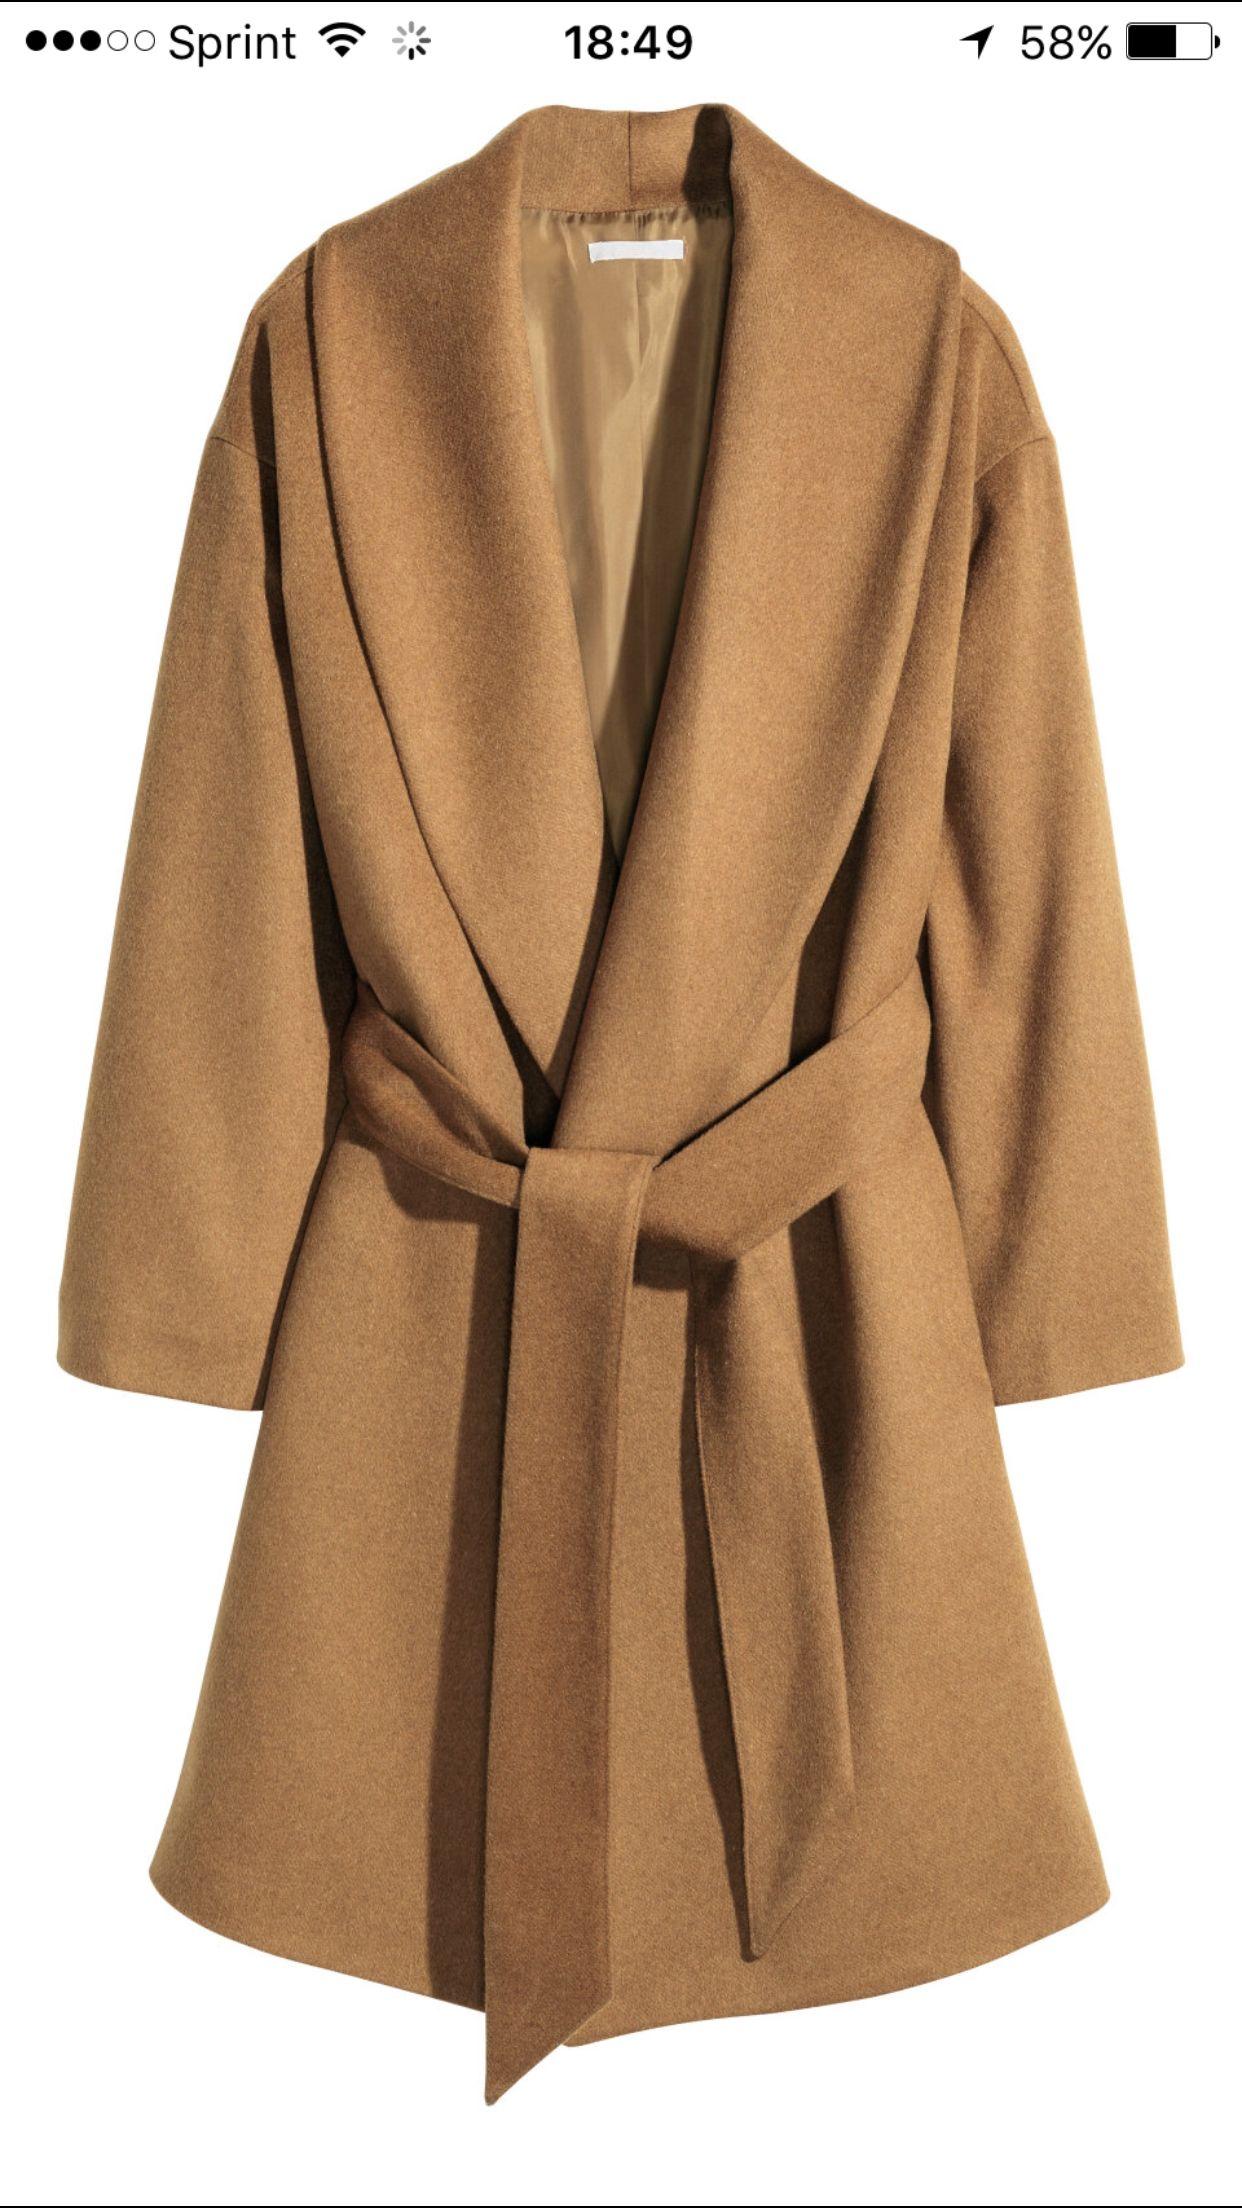 5623c72b36d8 Camel coat h&m | Clothes | Wrap coat, Camel coat, Wool coat